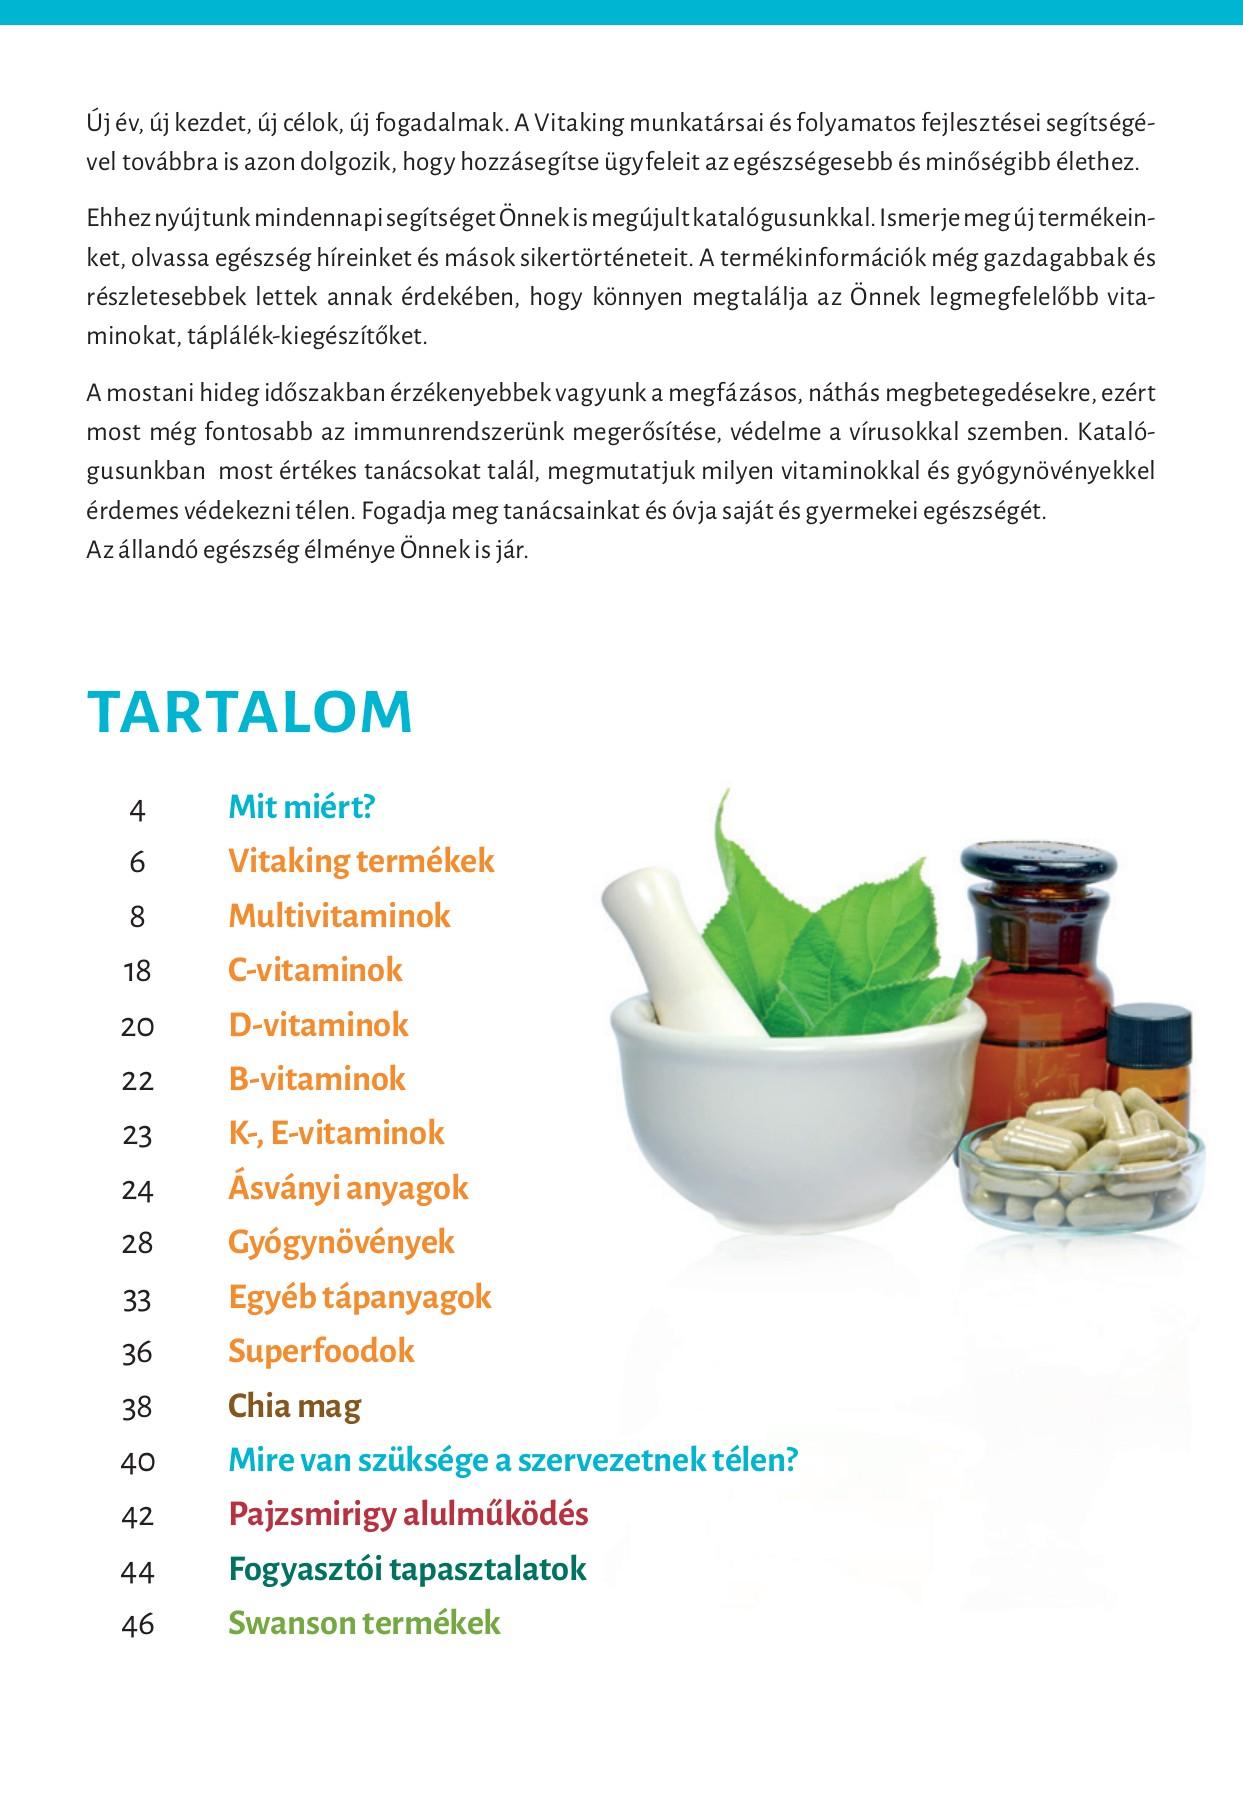 Kontaktlencse paraméterek és receptek - útmutató | Alensa HU